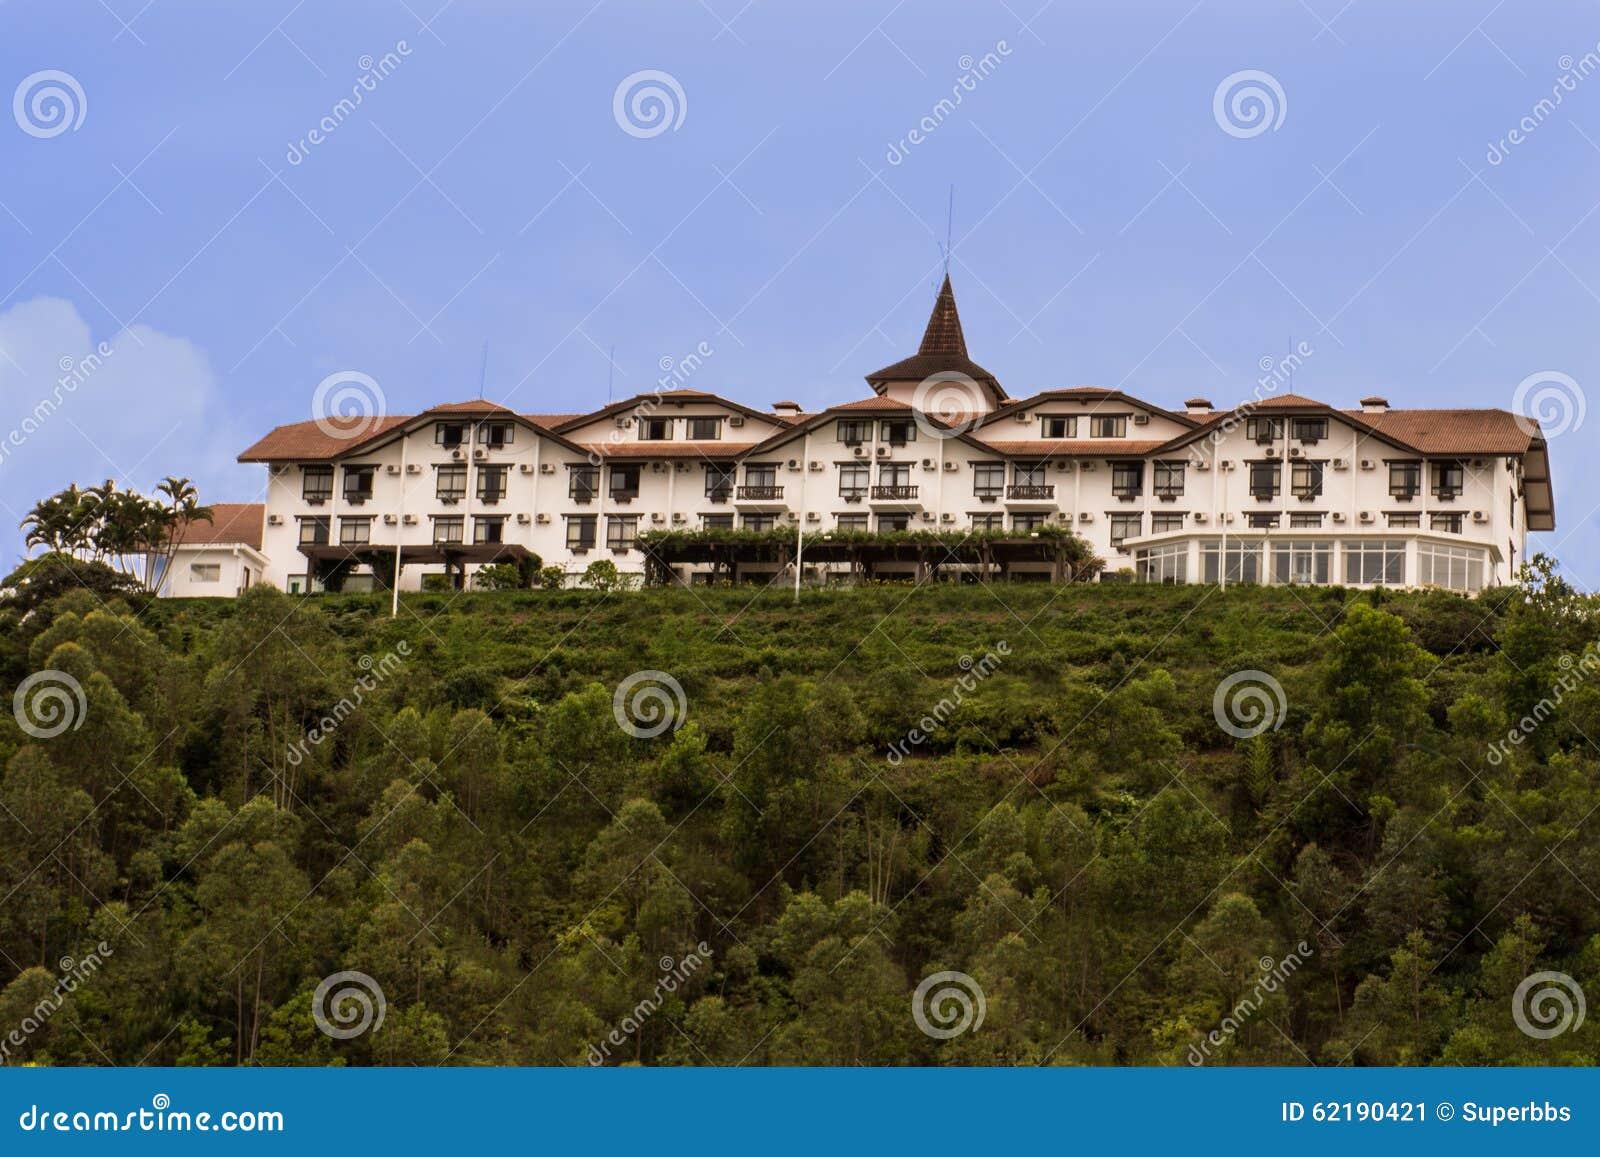 Гостиница Monthez - Brusque - Санта-Катарина, Бразилия